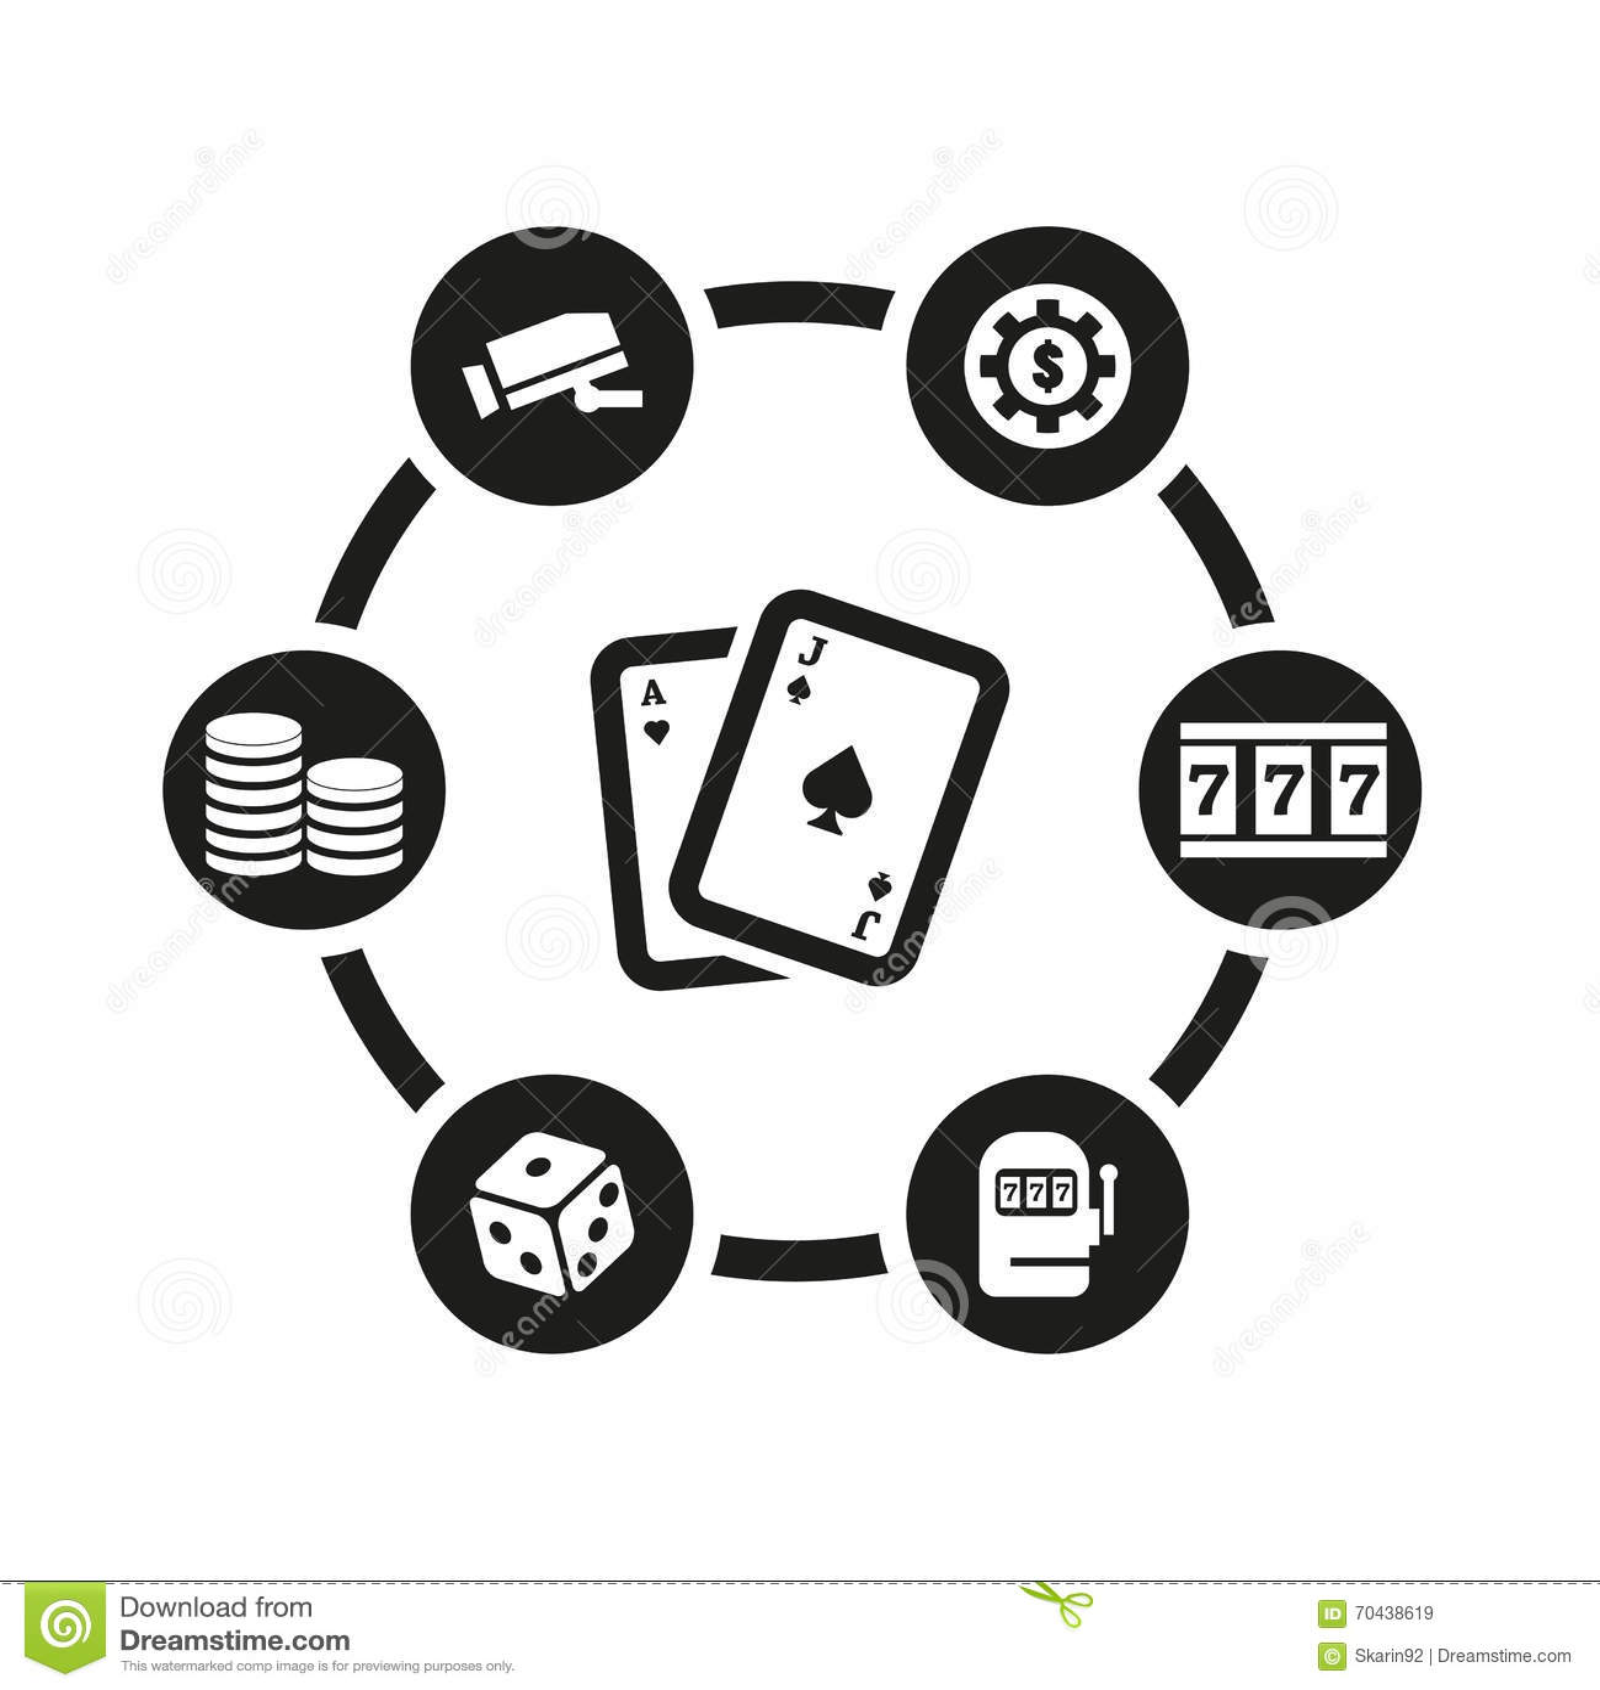 Planet 7 online casino bonus codes